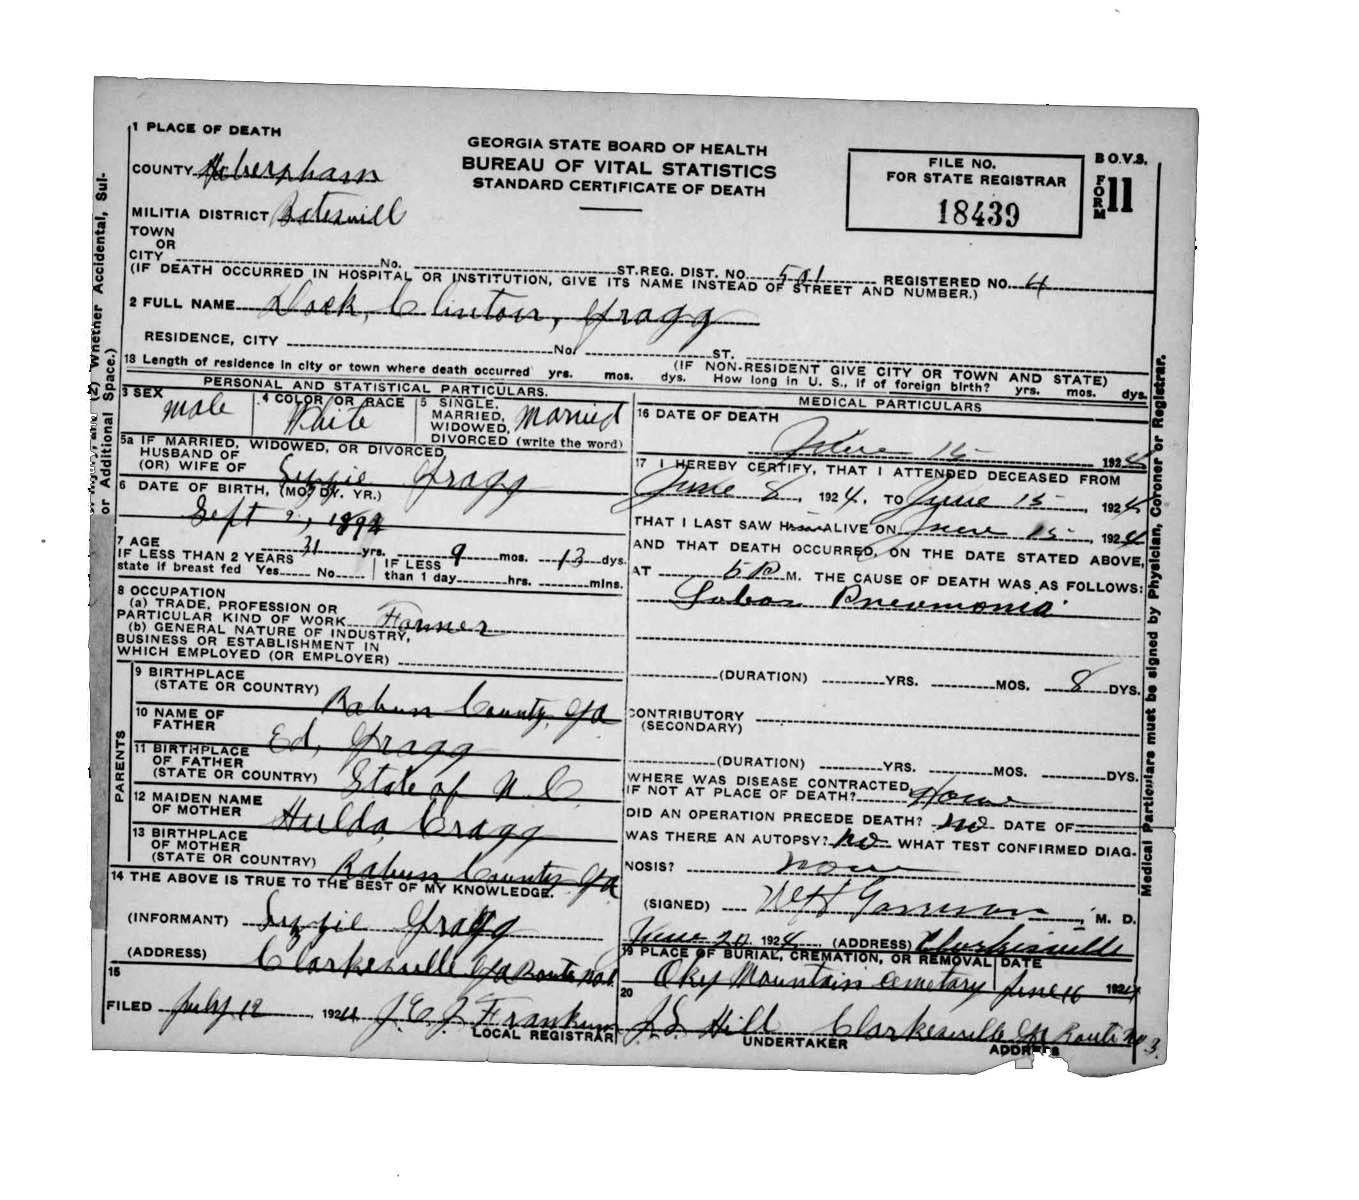 Doctor Clinton Gragg Death Certificate 1924 Batesville Habersham